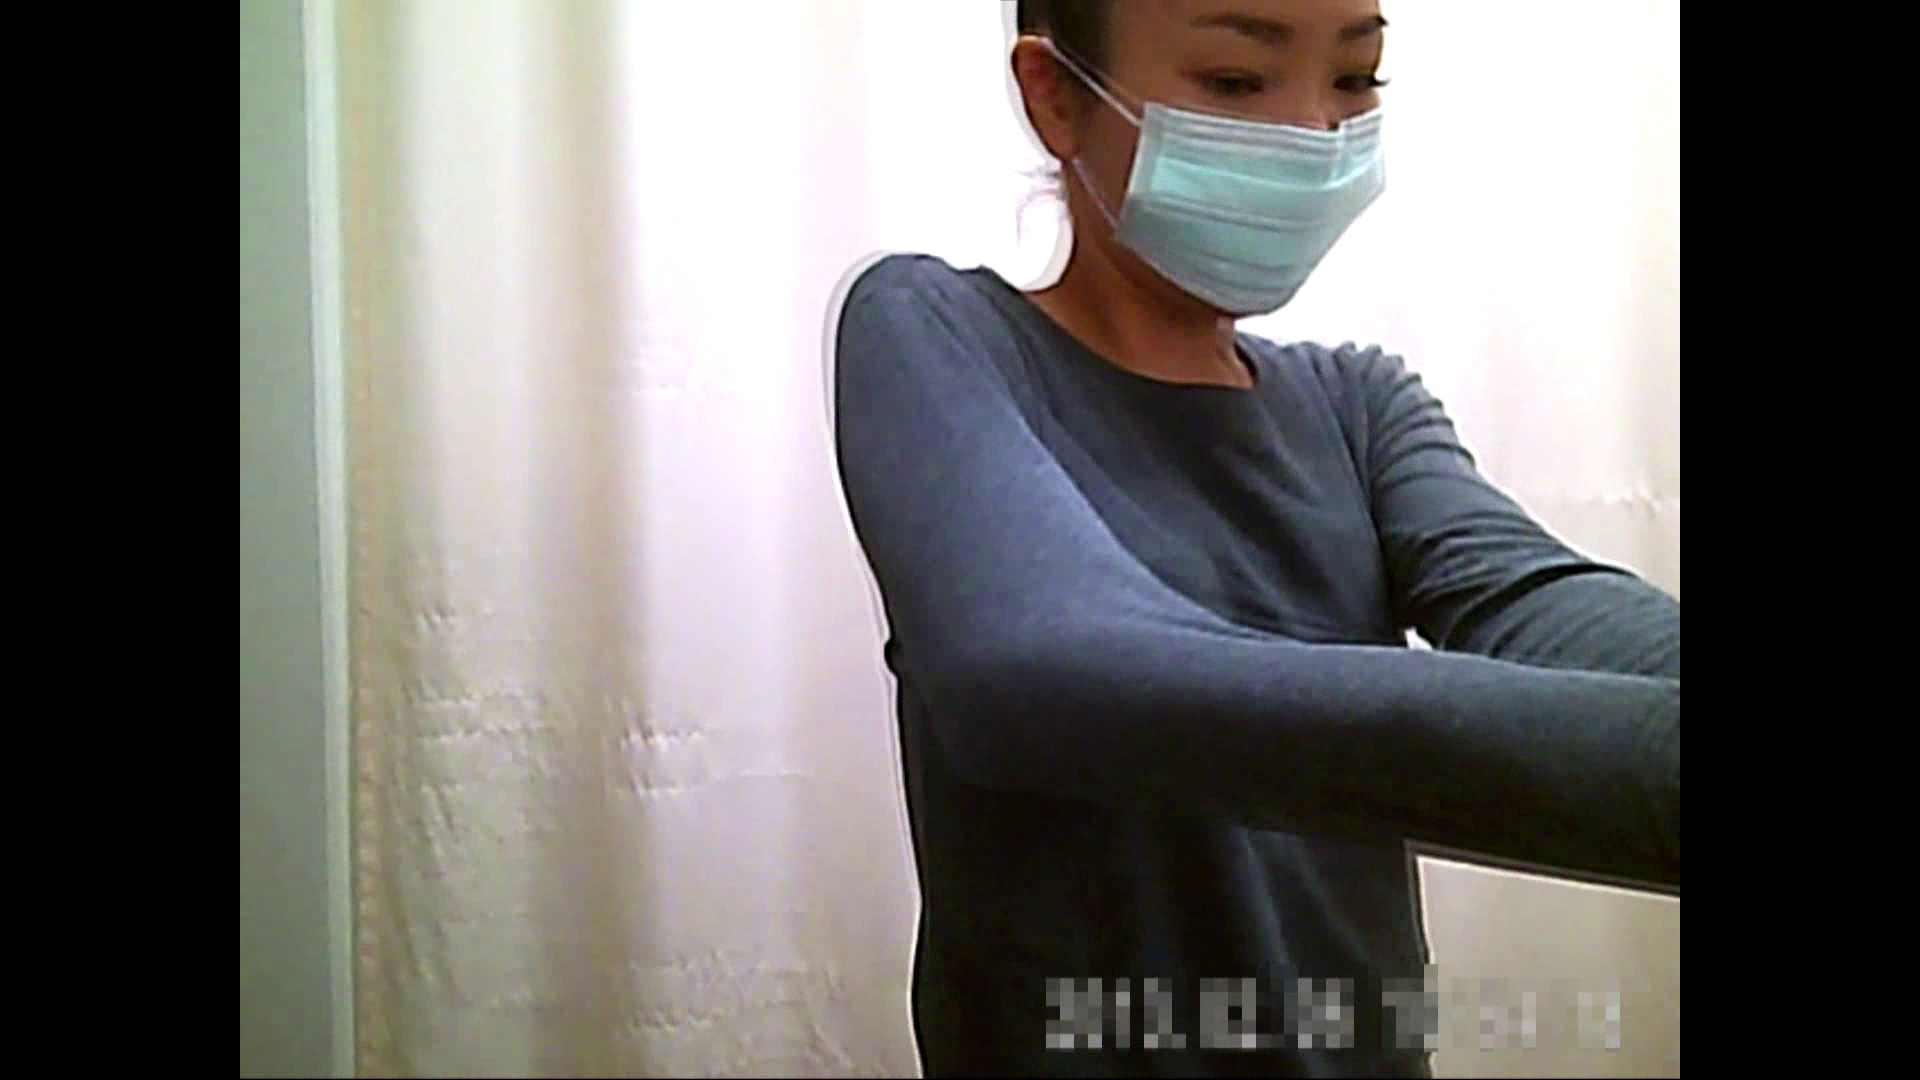 巨乳 乳首:元医者による反抗 更衣室地獄絵巻 vol.150:怪盗ジョーカー